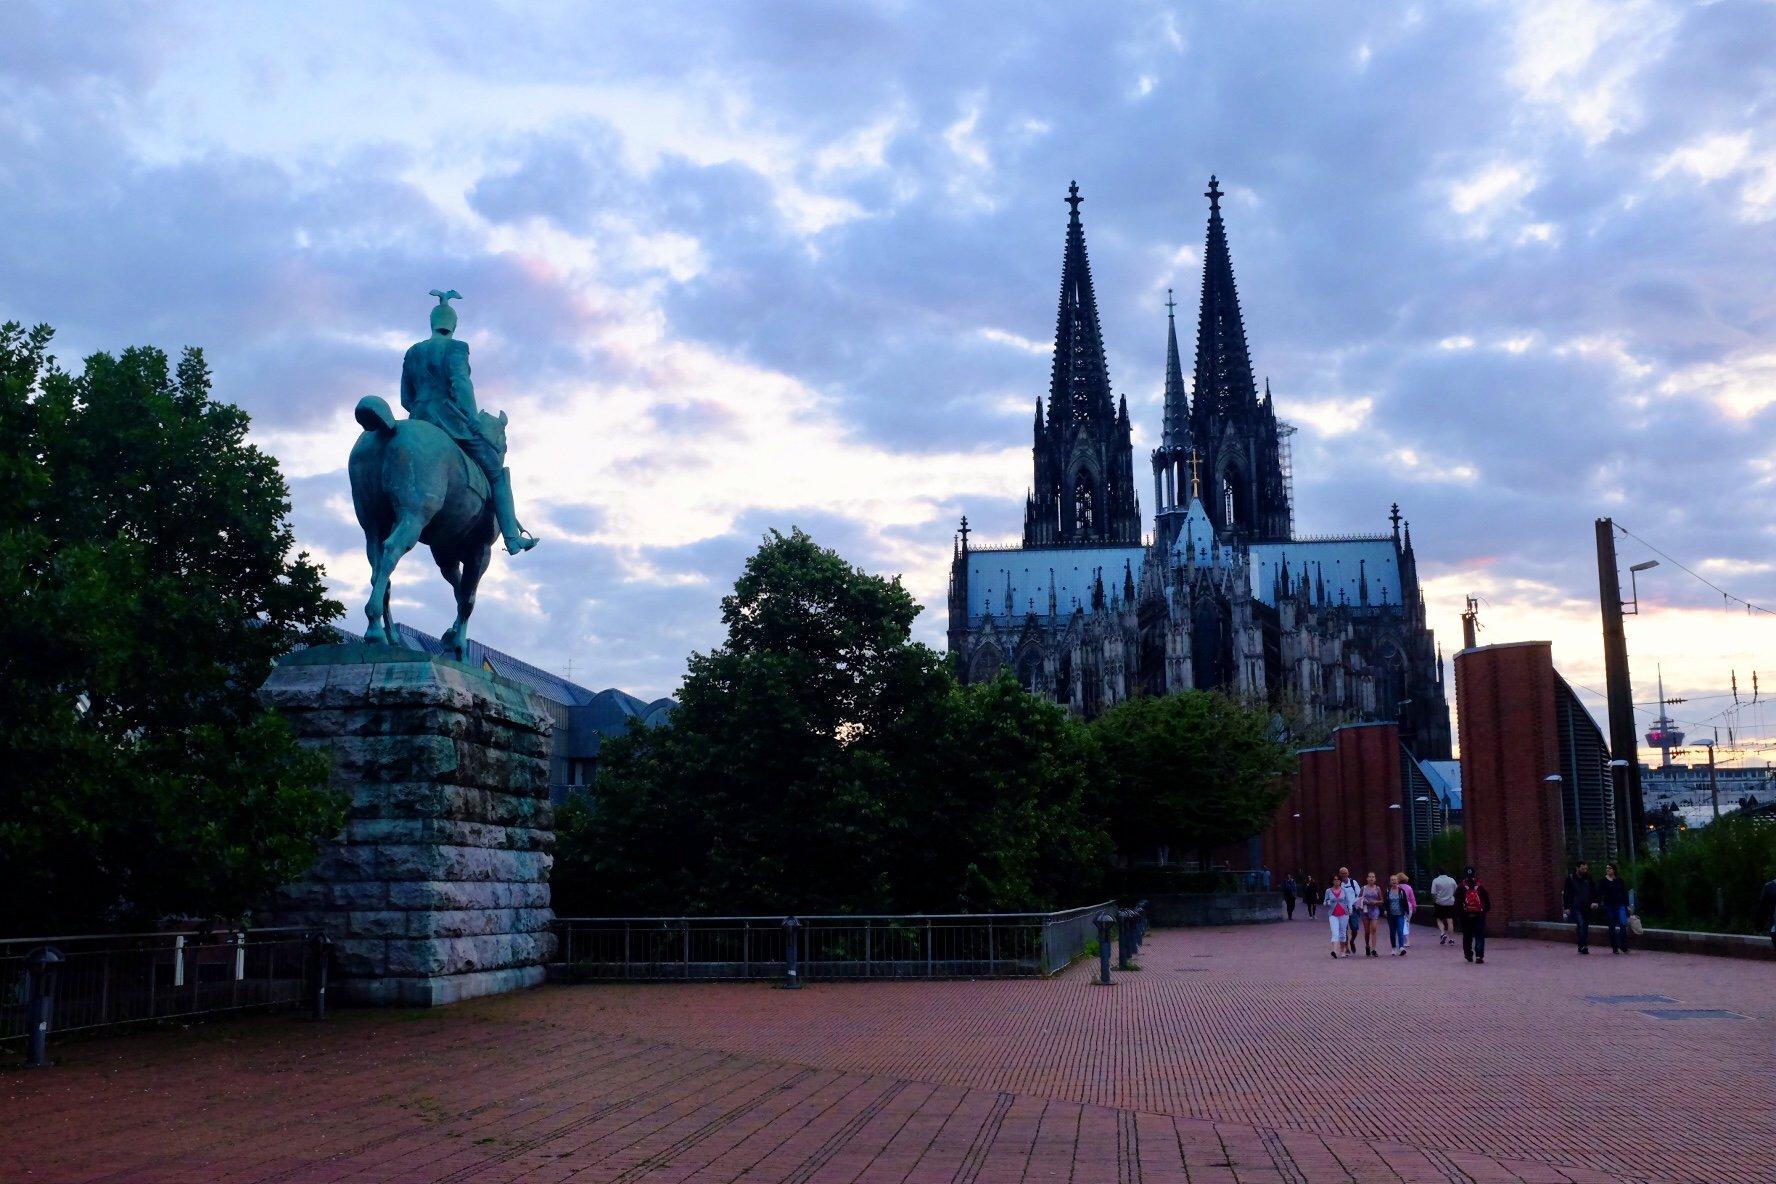 Köllner Dom Cologne Gallery Trip Gourmets